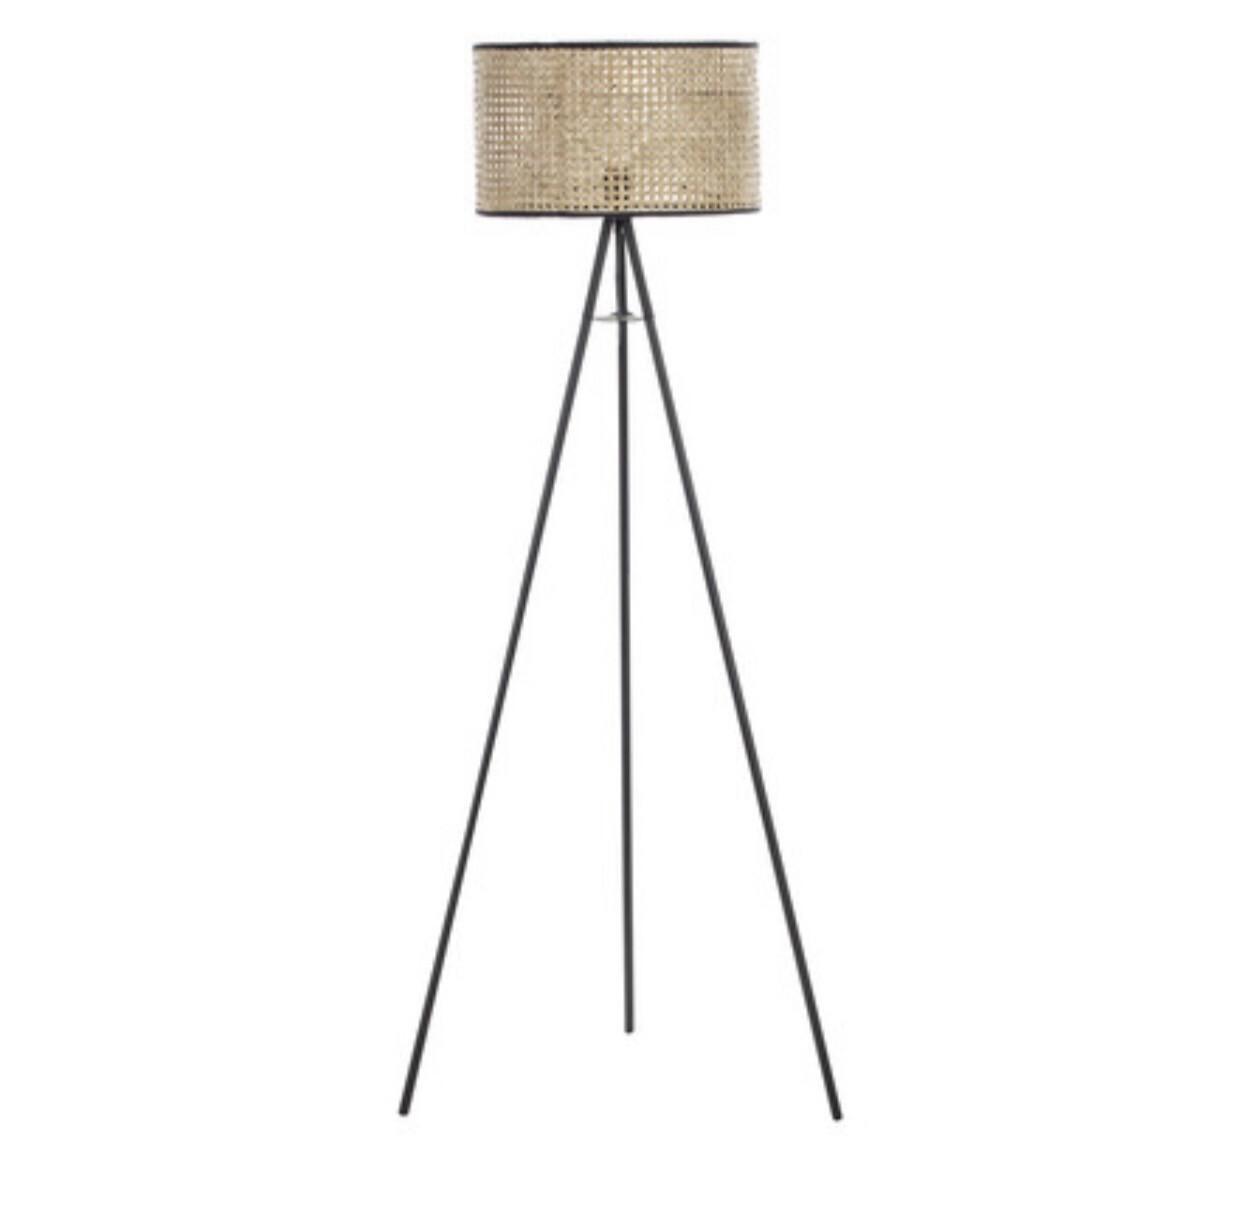 WOVEN RATTAN FLOOR LAMP